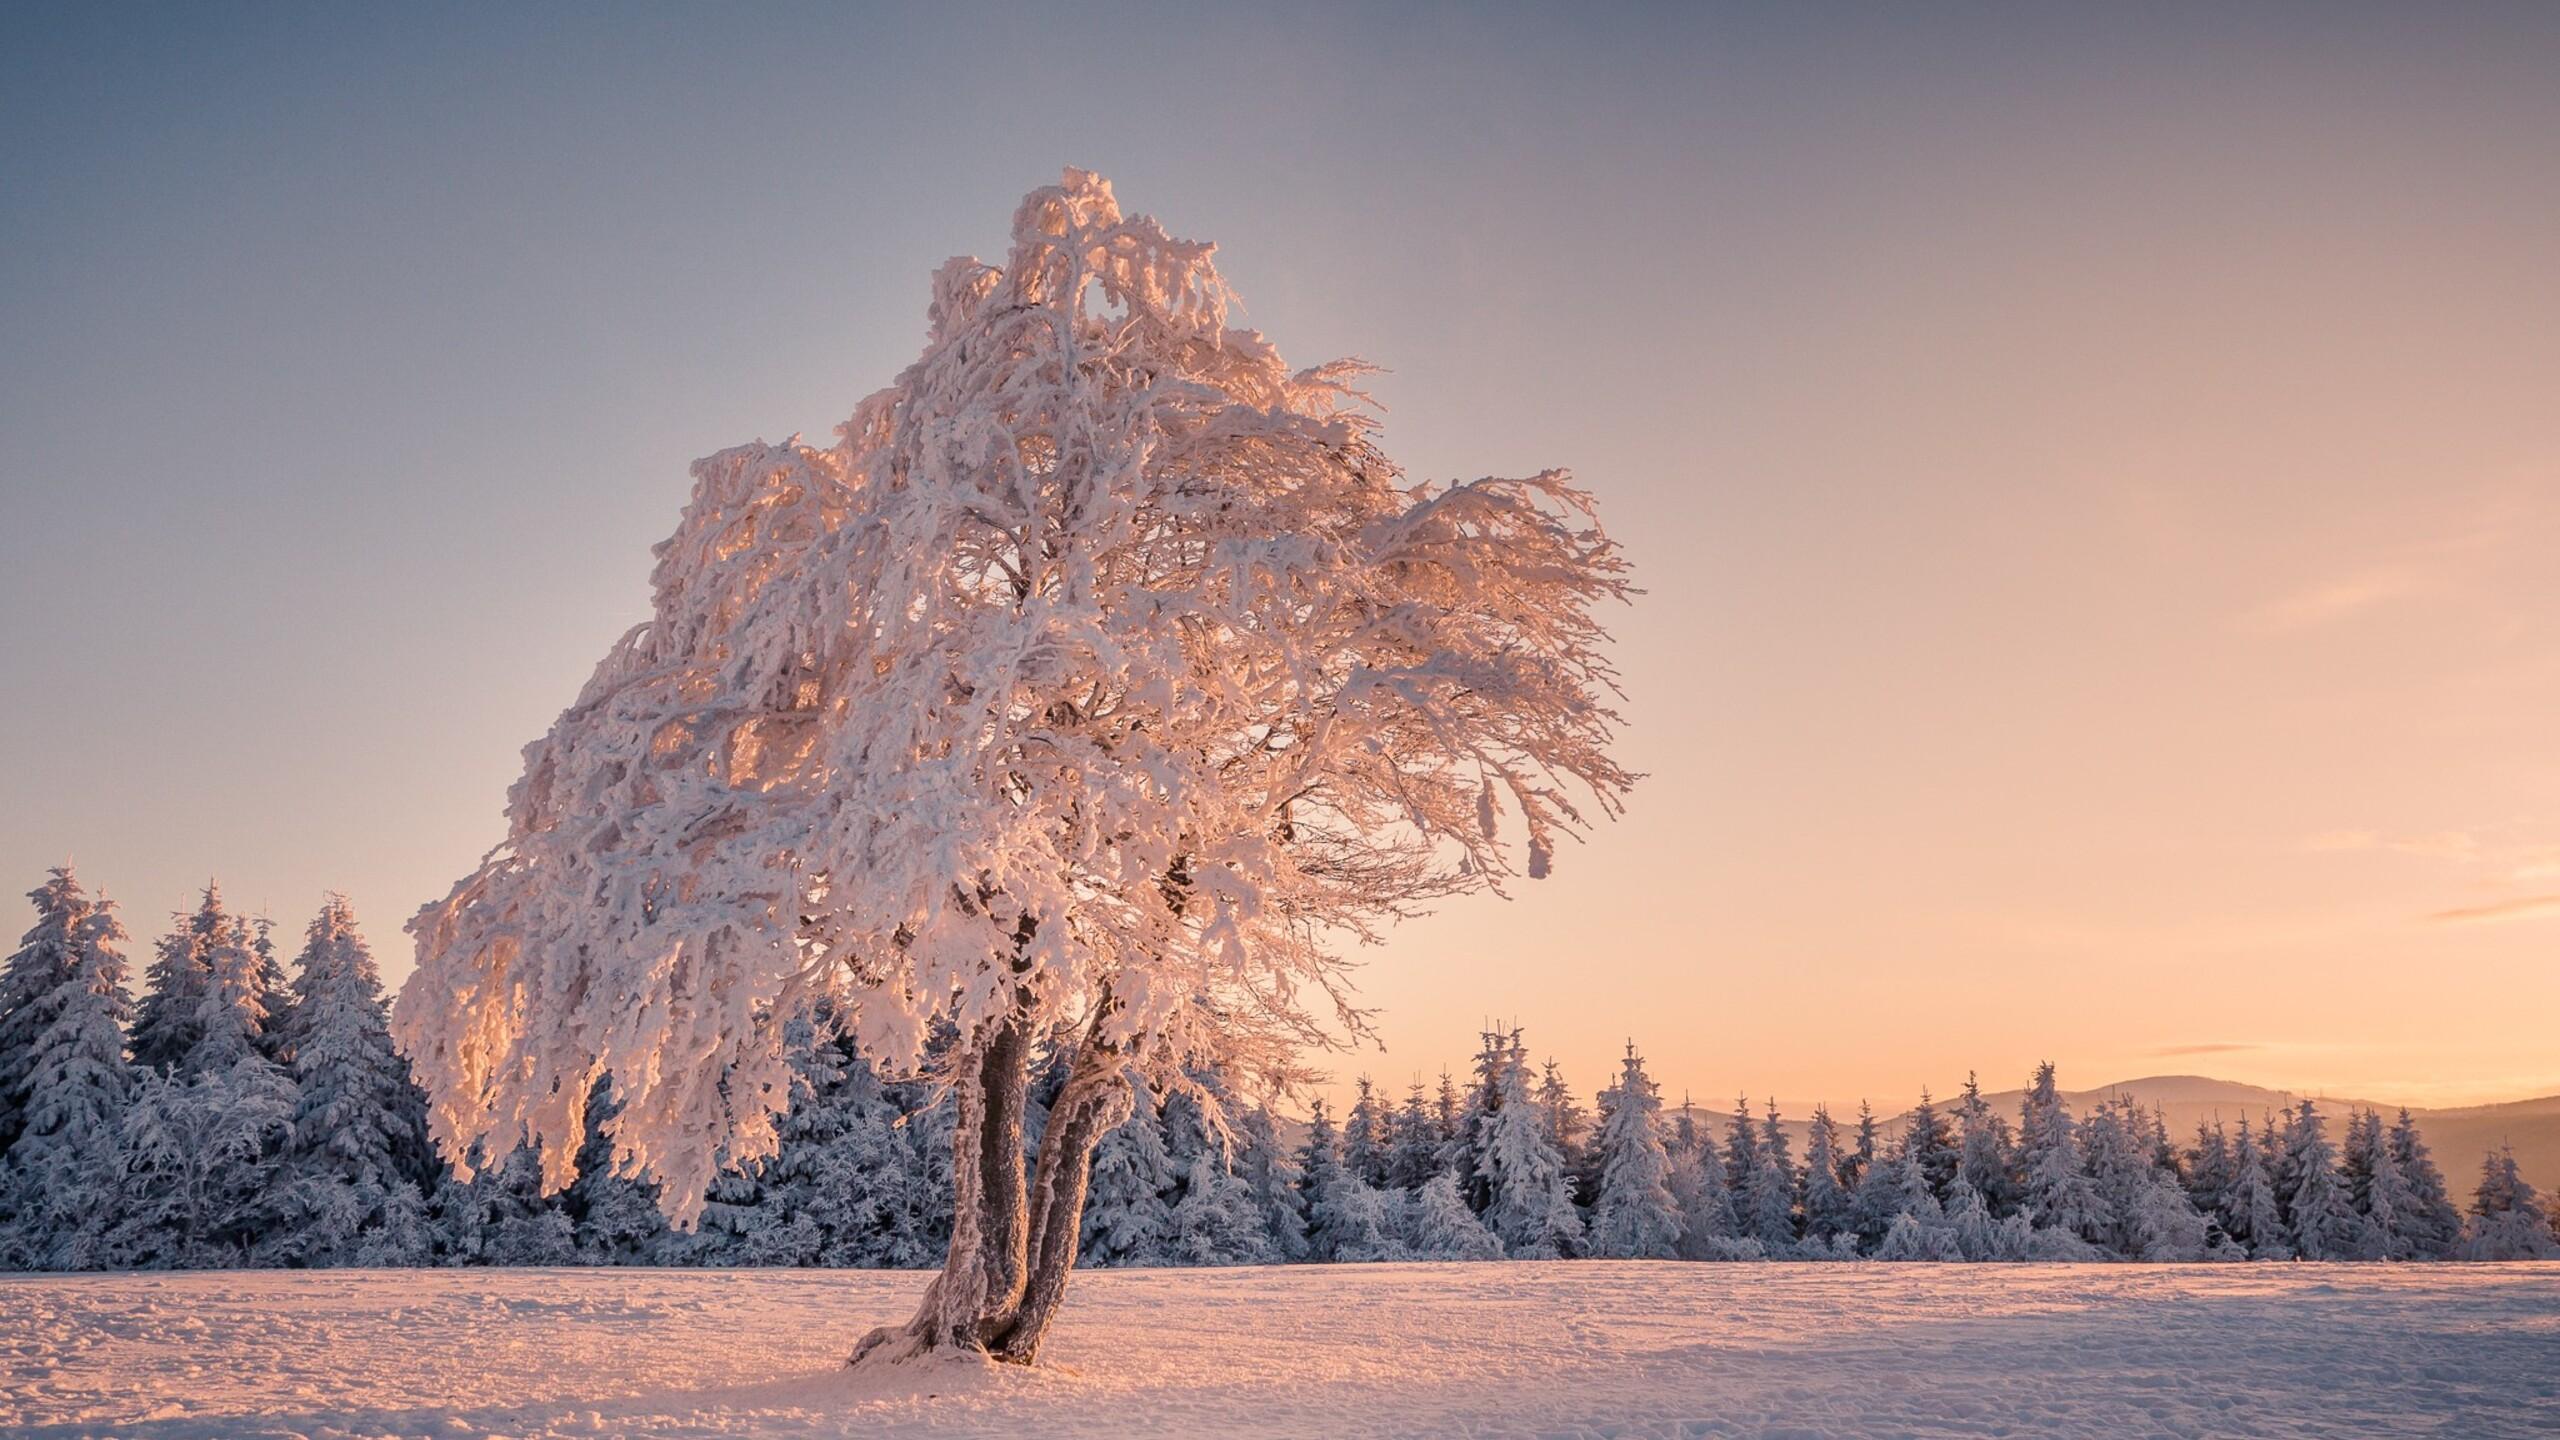 природа снег зима деревья горы  № 2577135 загрузить